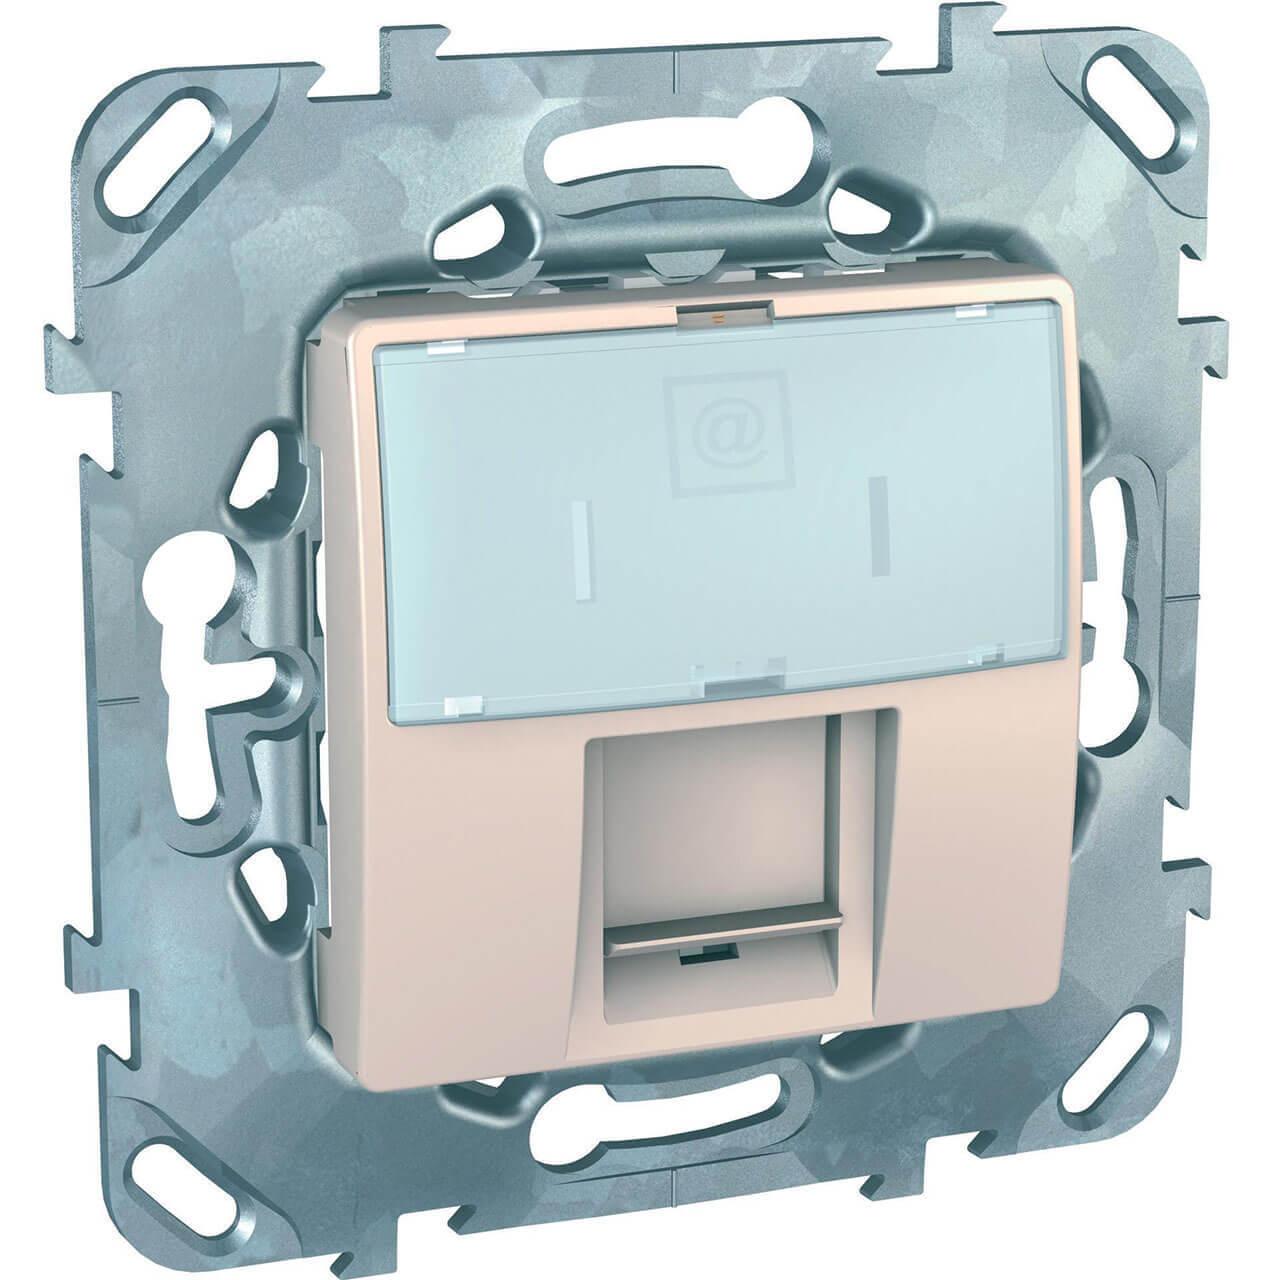 Розетка Schneider Electric MGU5.421.25ZD Unica (Подходит под рамки Unica, Хамелеон, Quadro) фото